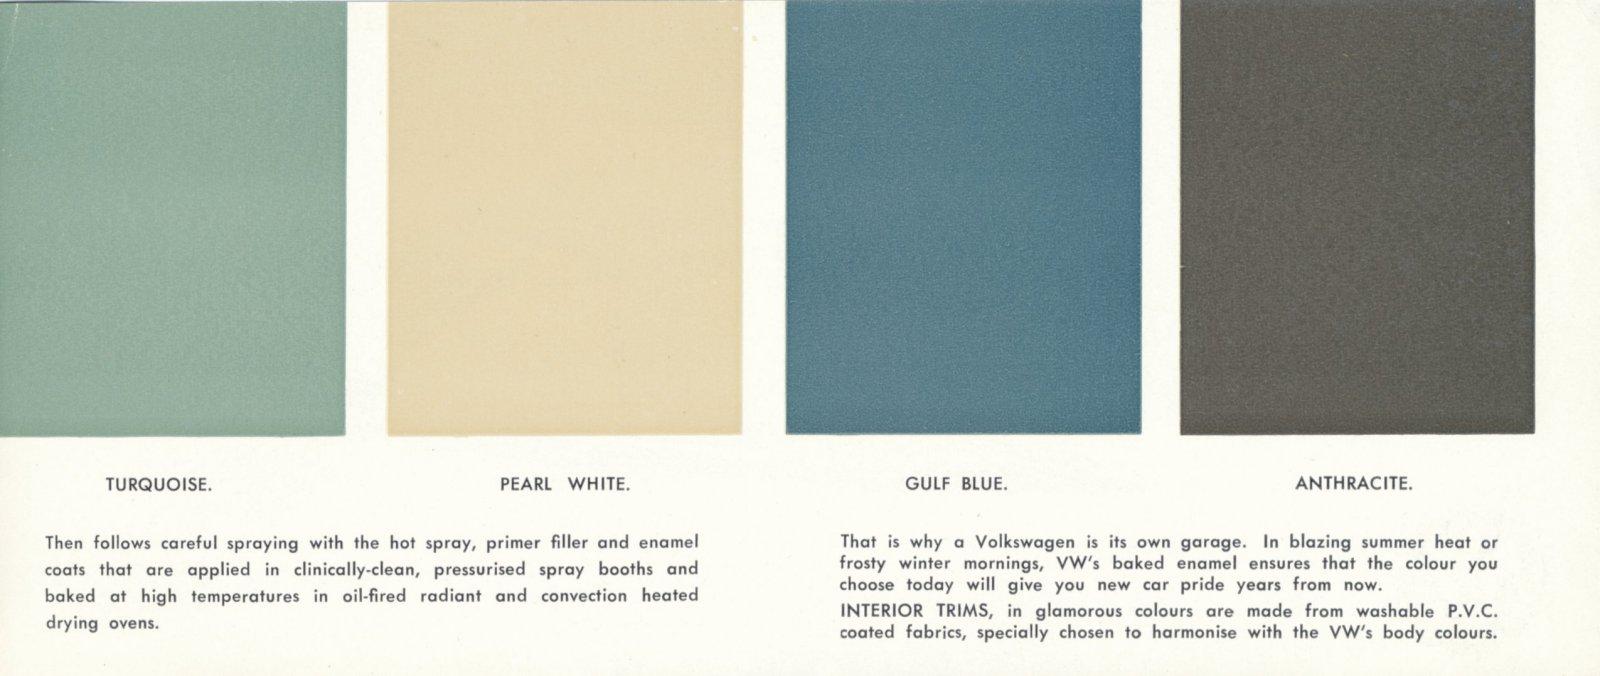 TheSamba.com :: VW Archives - 1963 VW Beetle Paint Colors - Australia